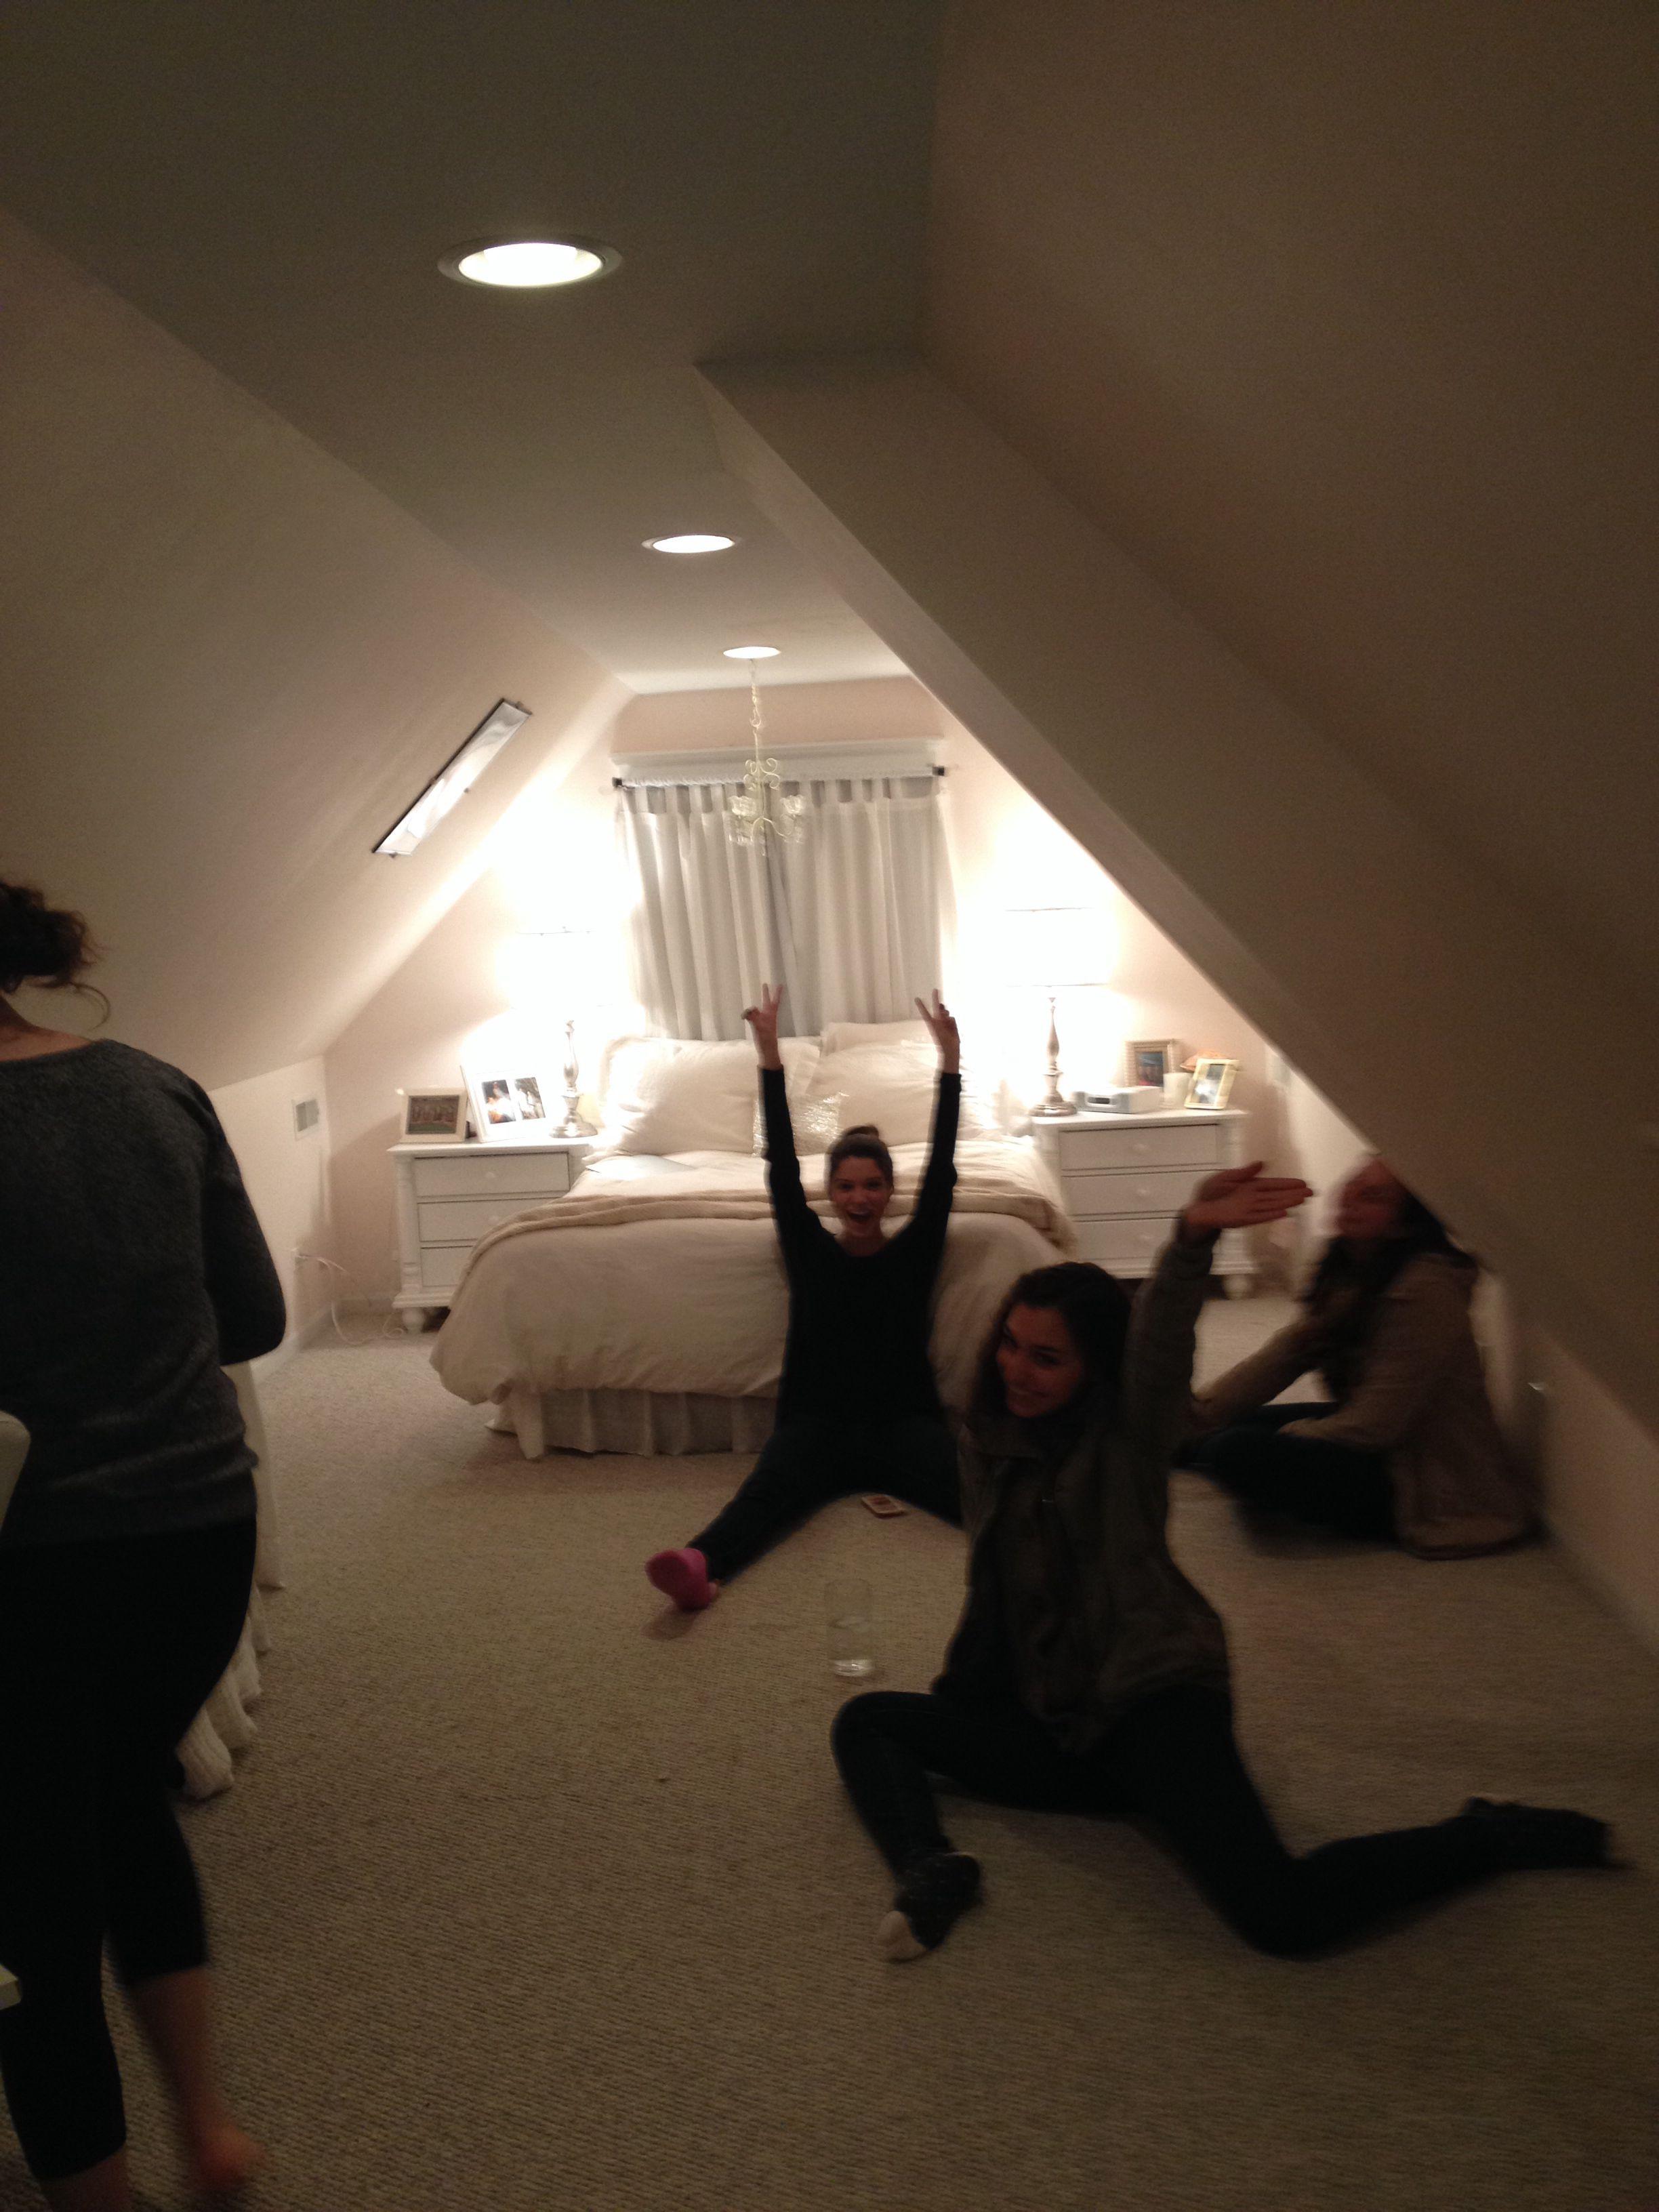 Favorite room... It's sooo lauren Conrad